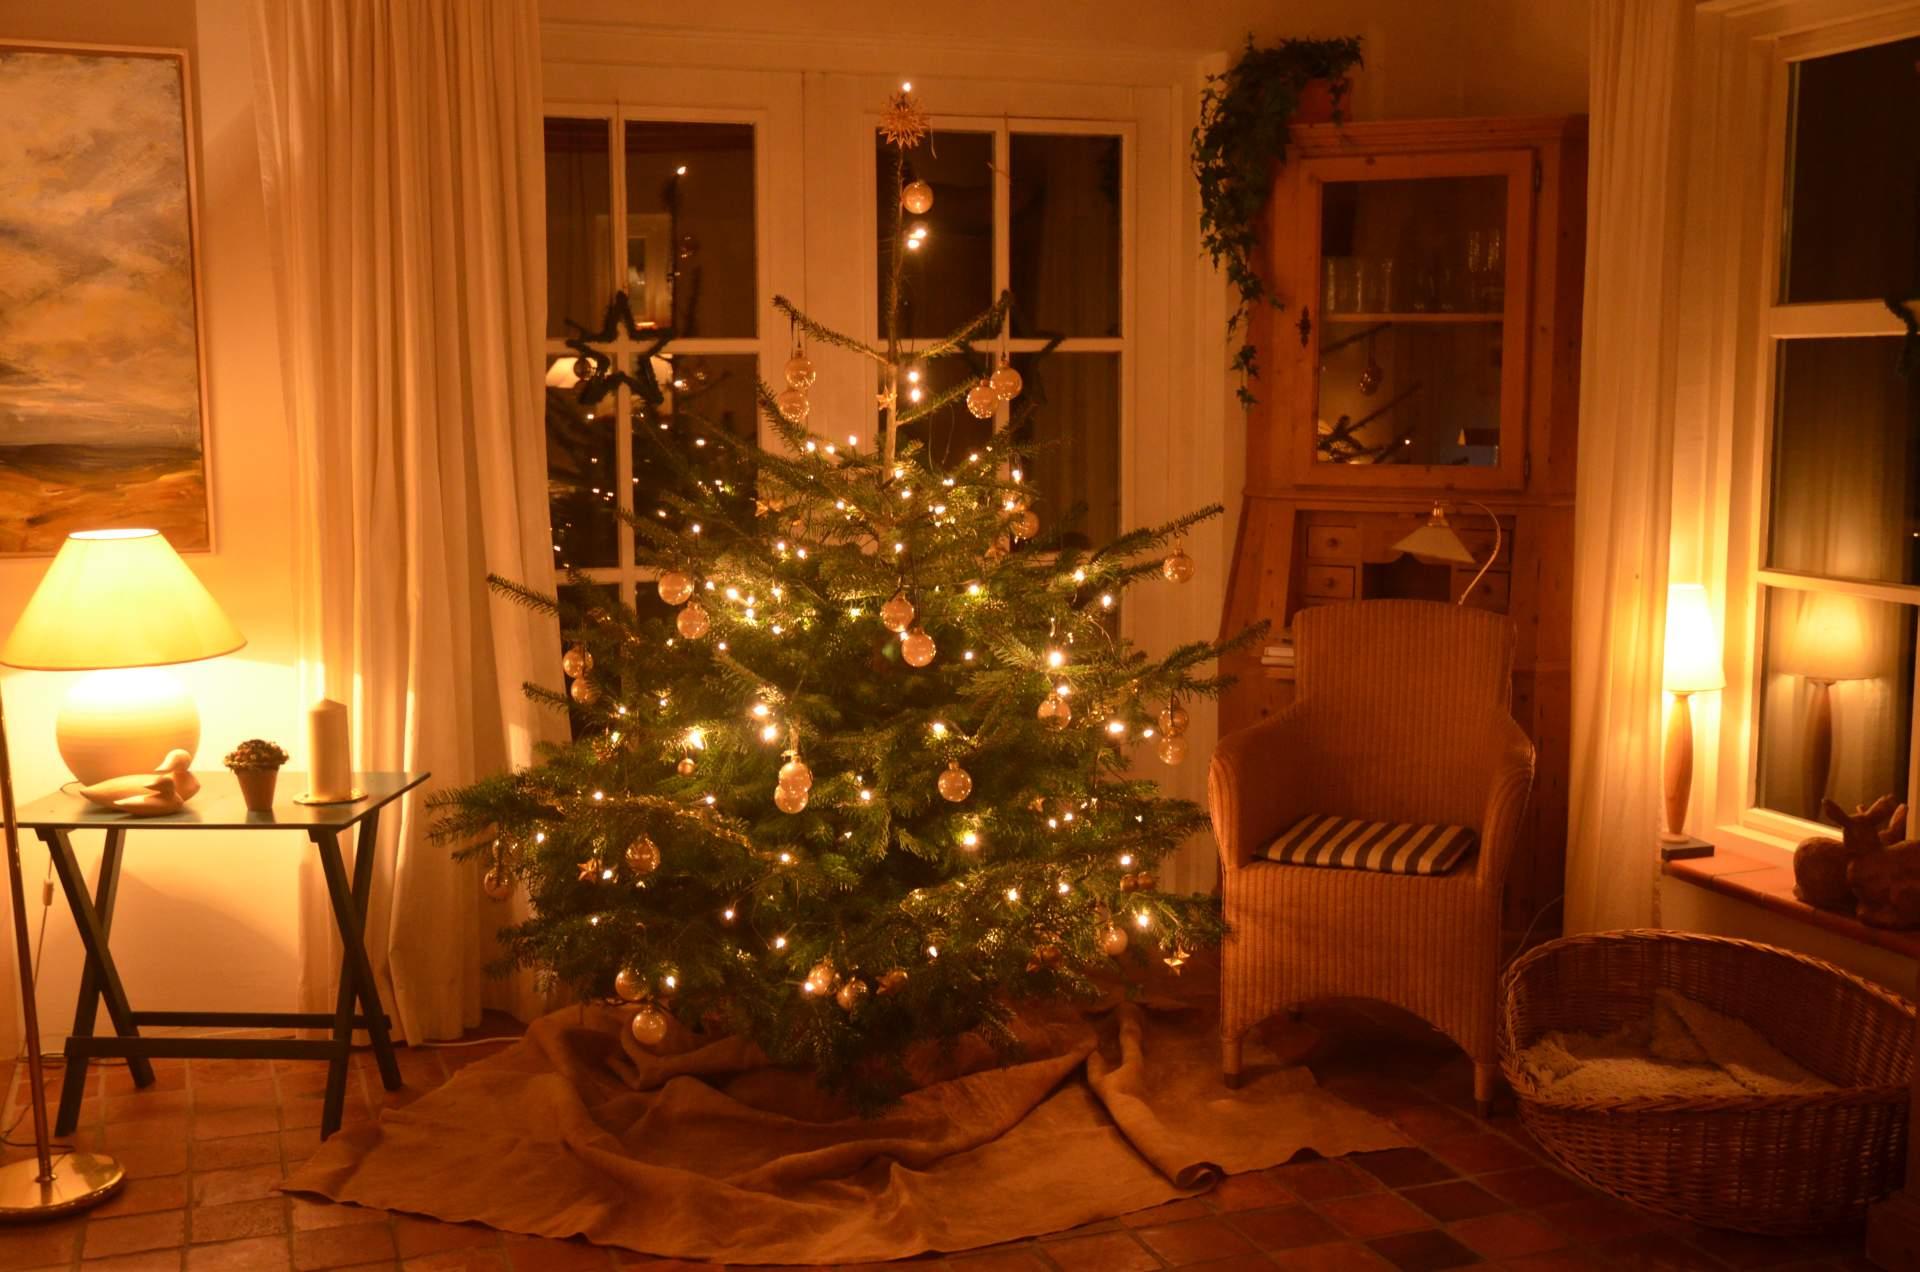 Luxus ferienhaus nordsee pool sauna kamin reetdach - Weihnachten wohnzimmer ...